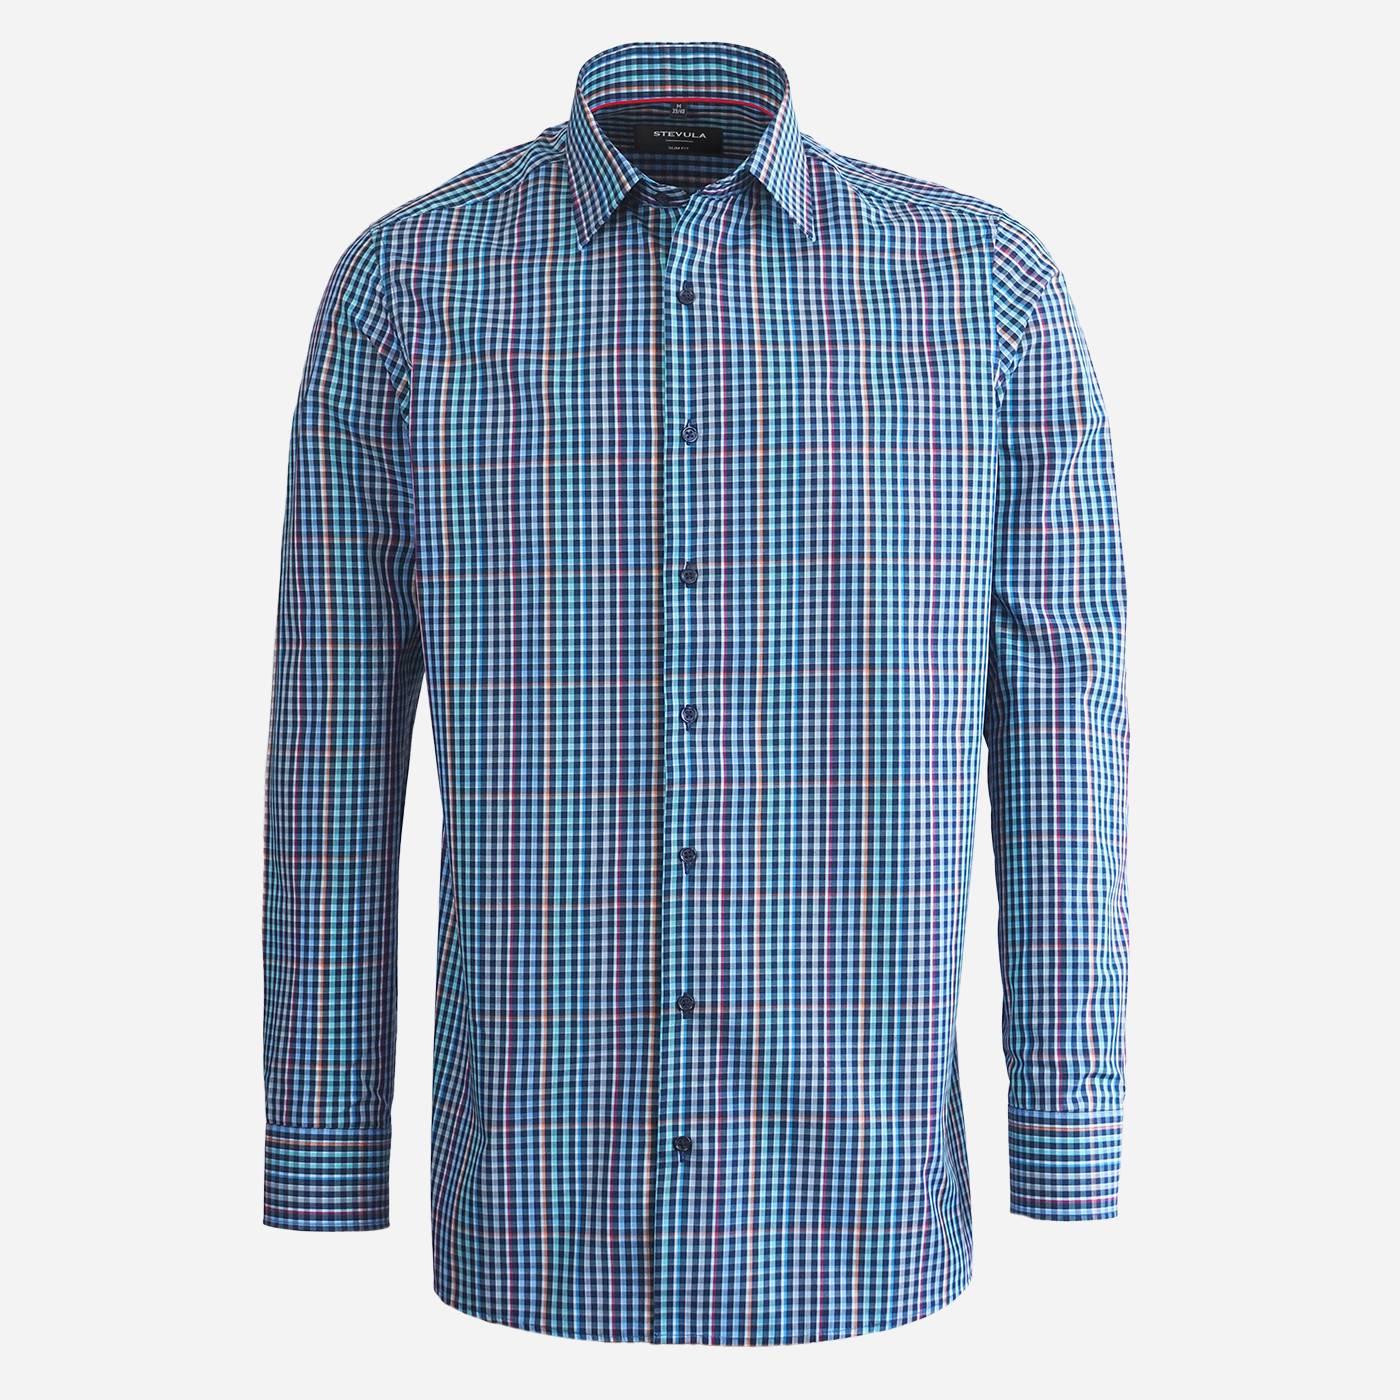 STEVULA Kockovaná pánska košeľa, Regular fit Veľkosť: XXL 45/46